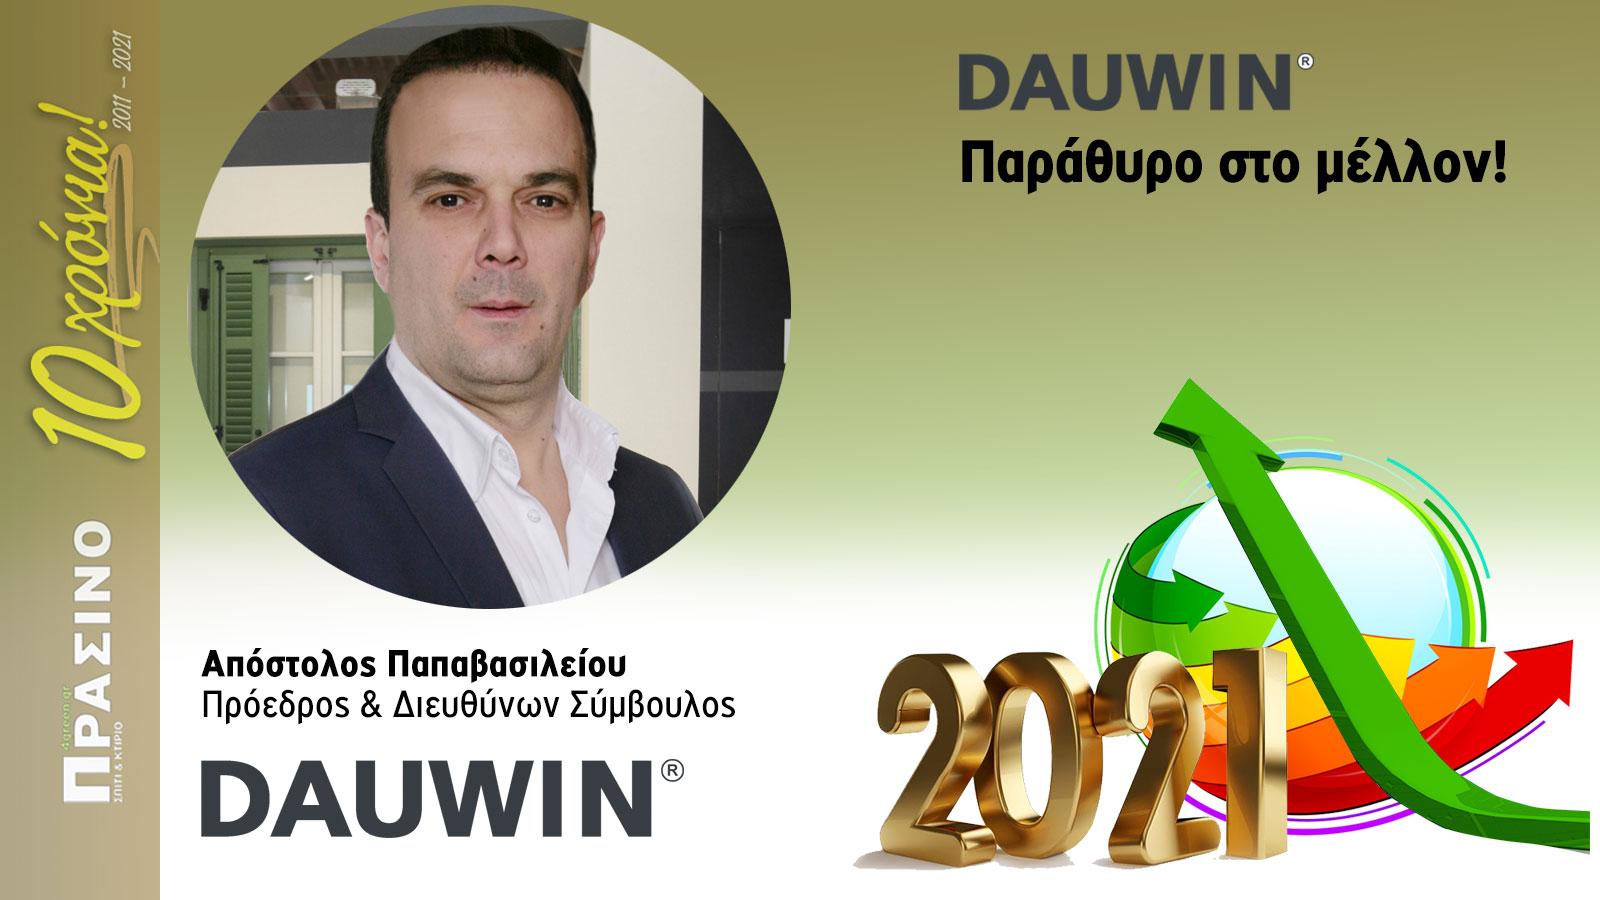 Μιλάμε με τον Κύριο Απόστολο Παπαβασιλείου, Πρόεδρο & Διευθύνων Σύμβουλο της εταιρίας DAUWIN.